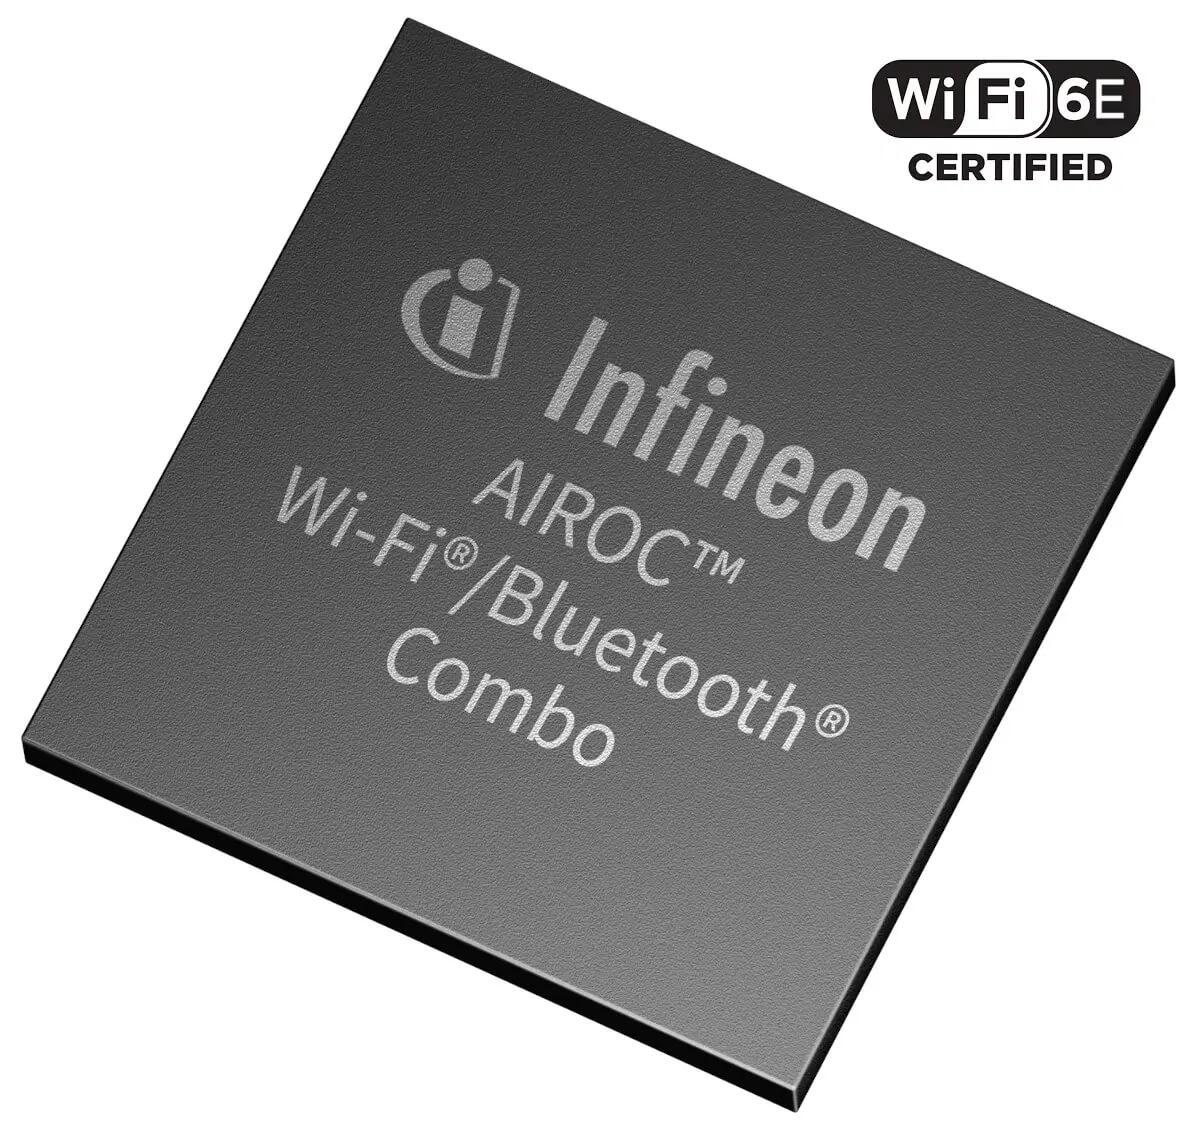 英飞凌AIROC WiFi 6E芯片组